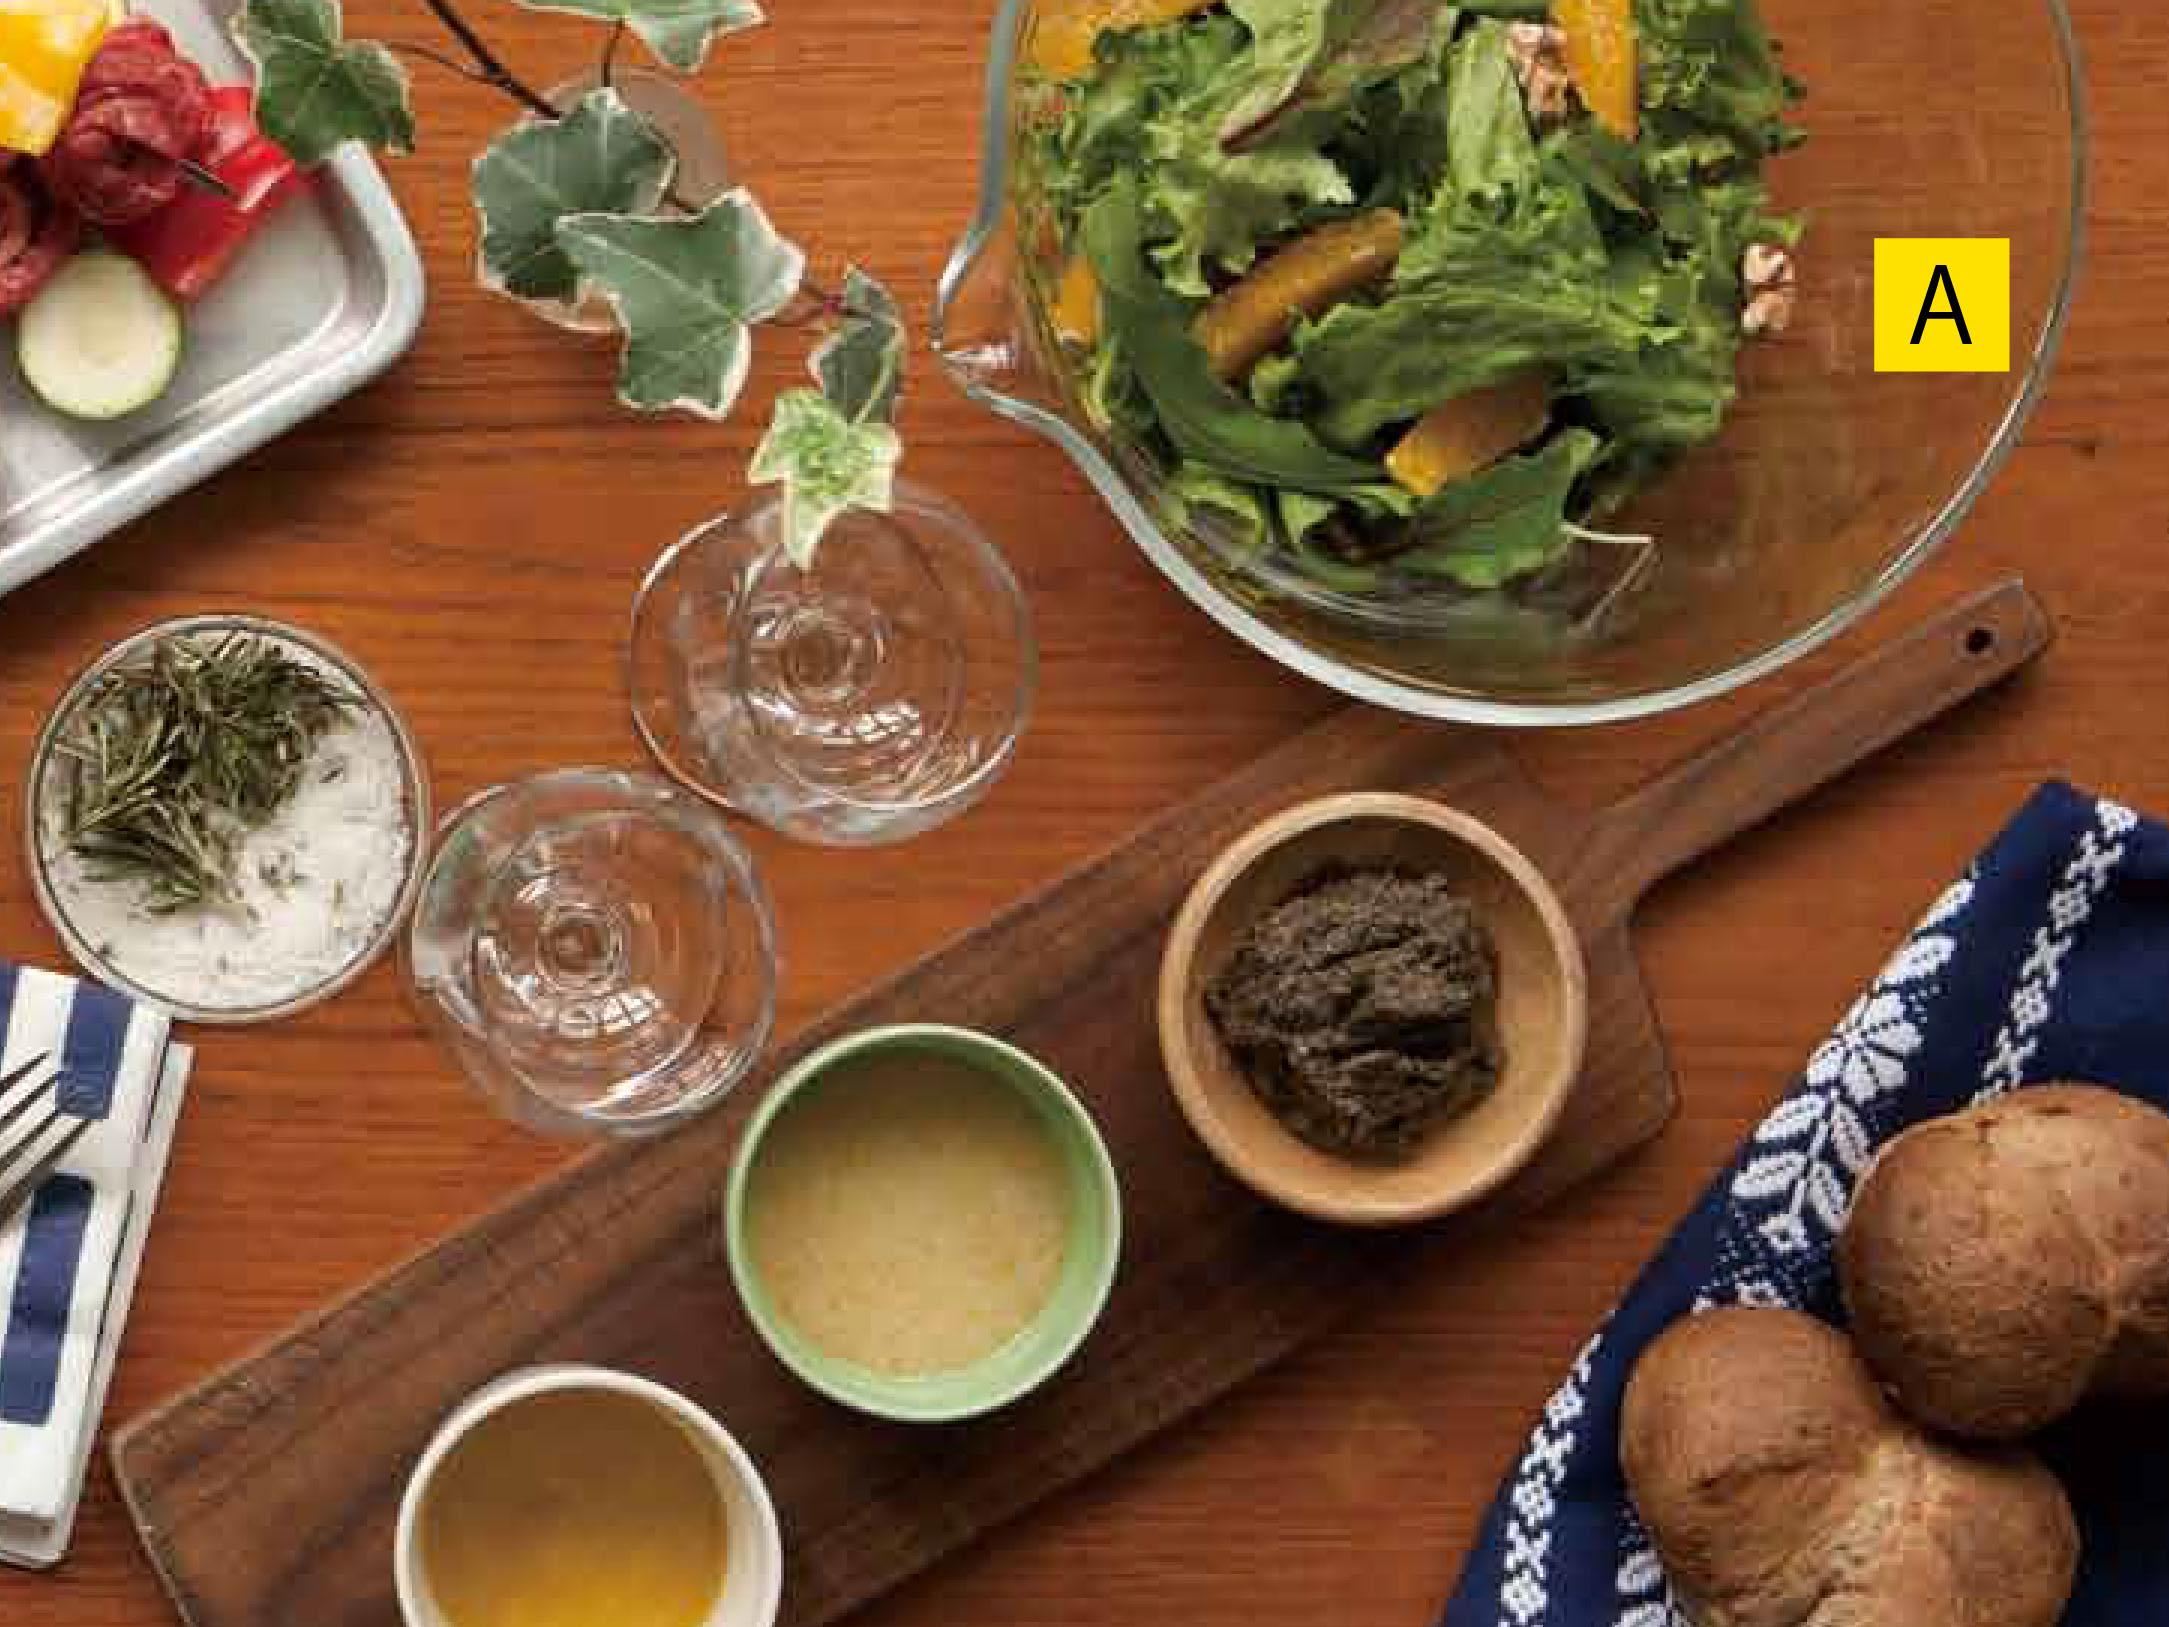 肉とのバランスで、サラダは必須です<A:クルミとオレンジのグリーンサラダ>